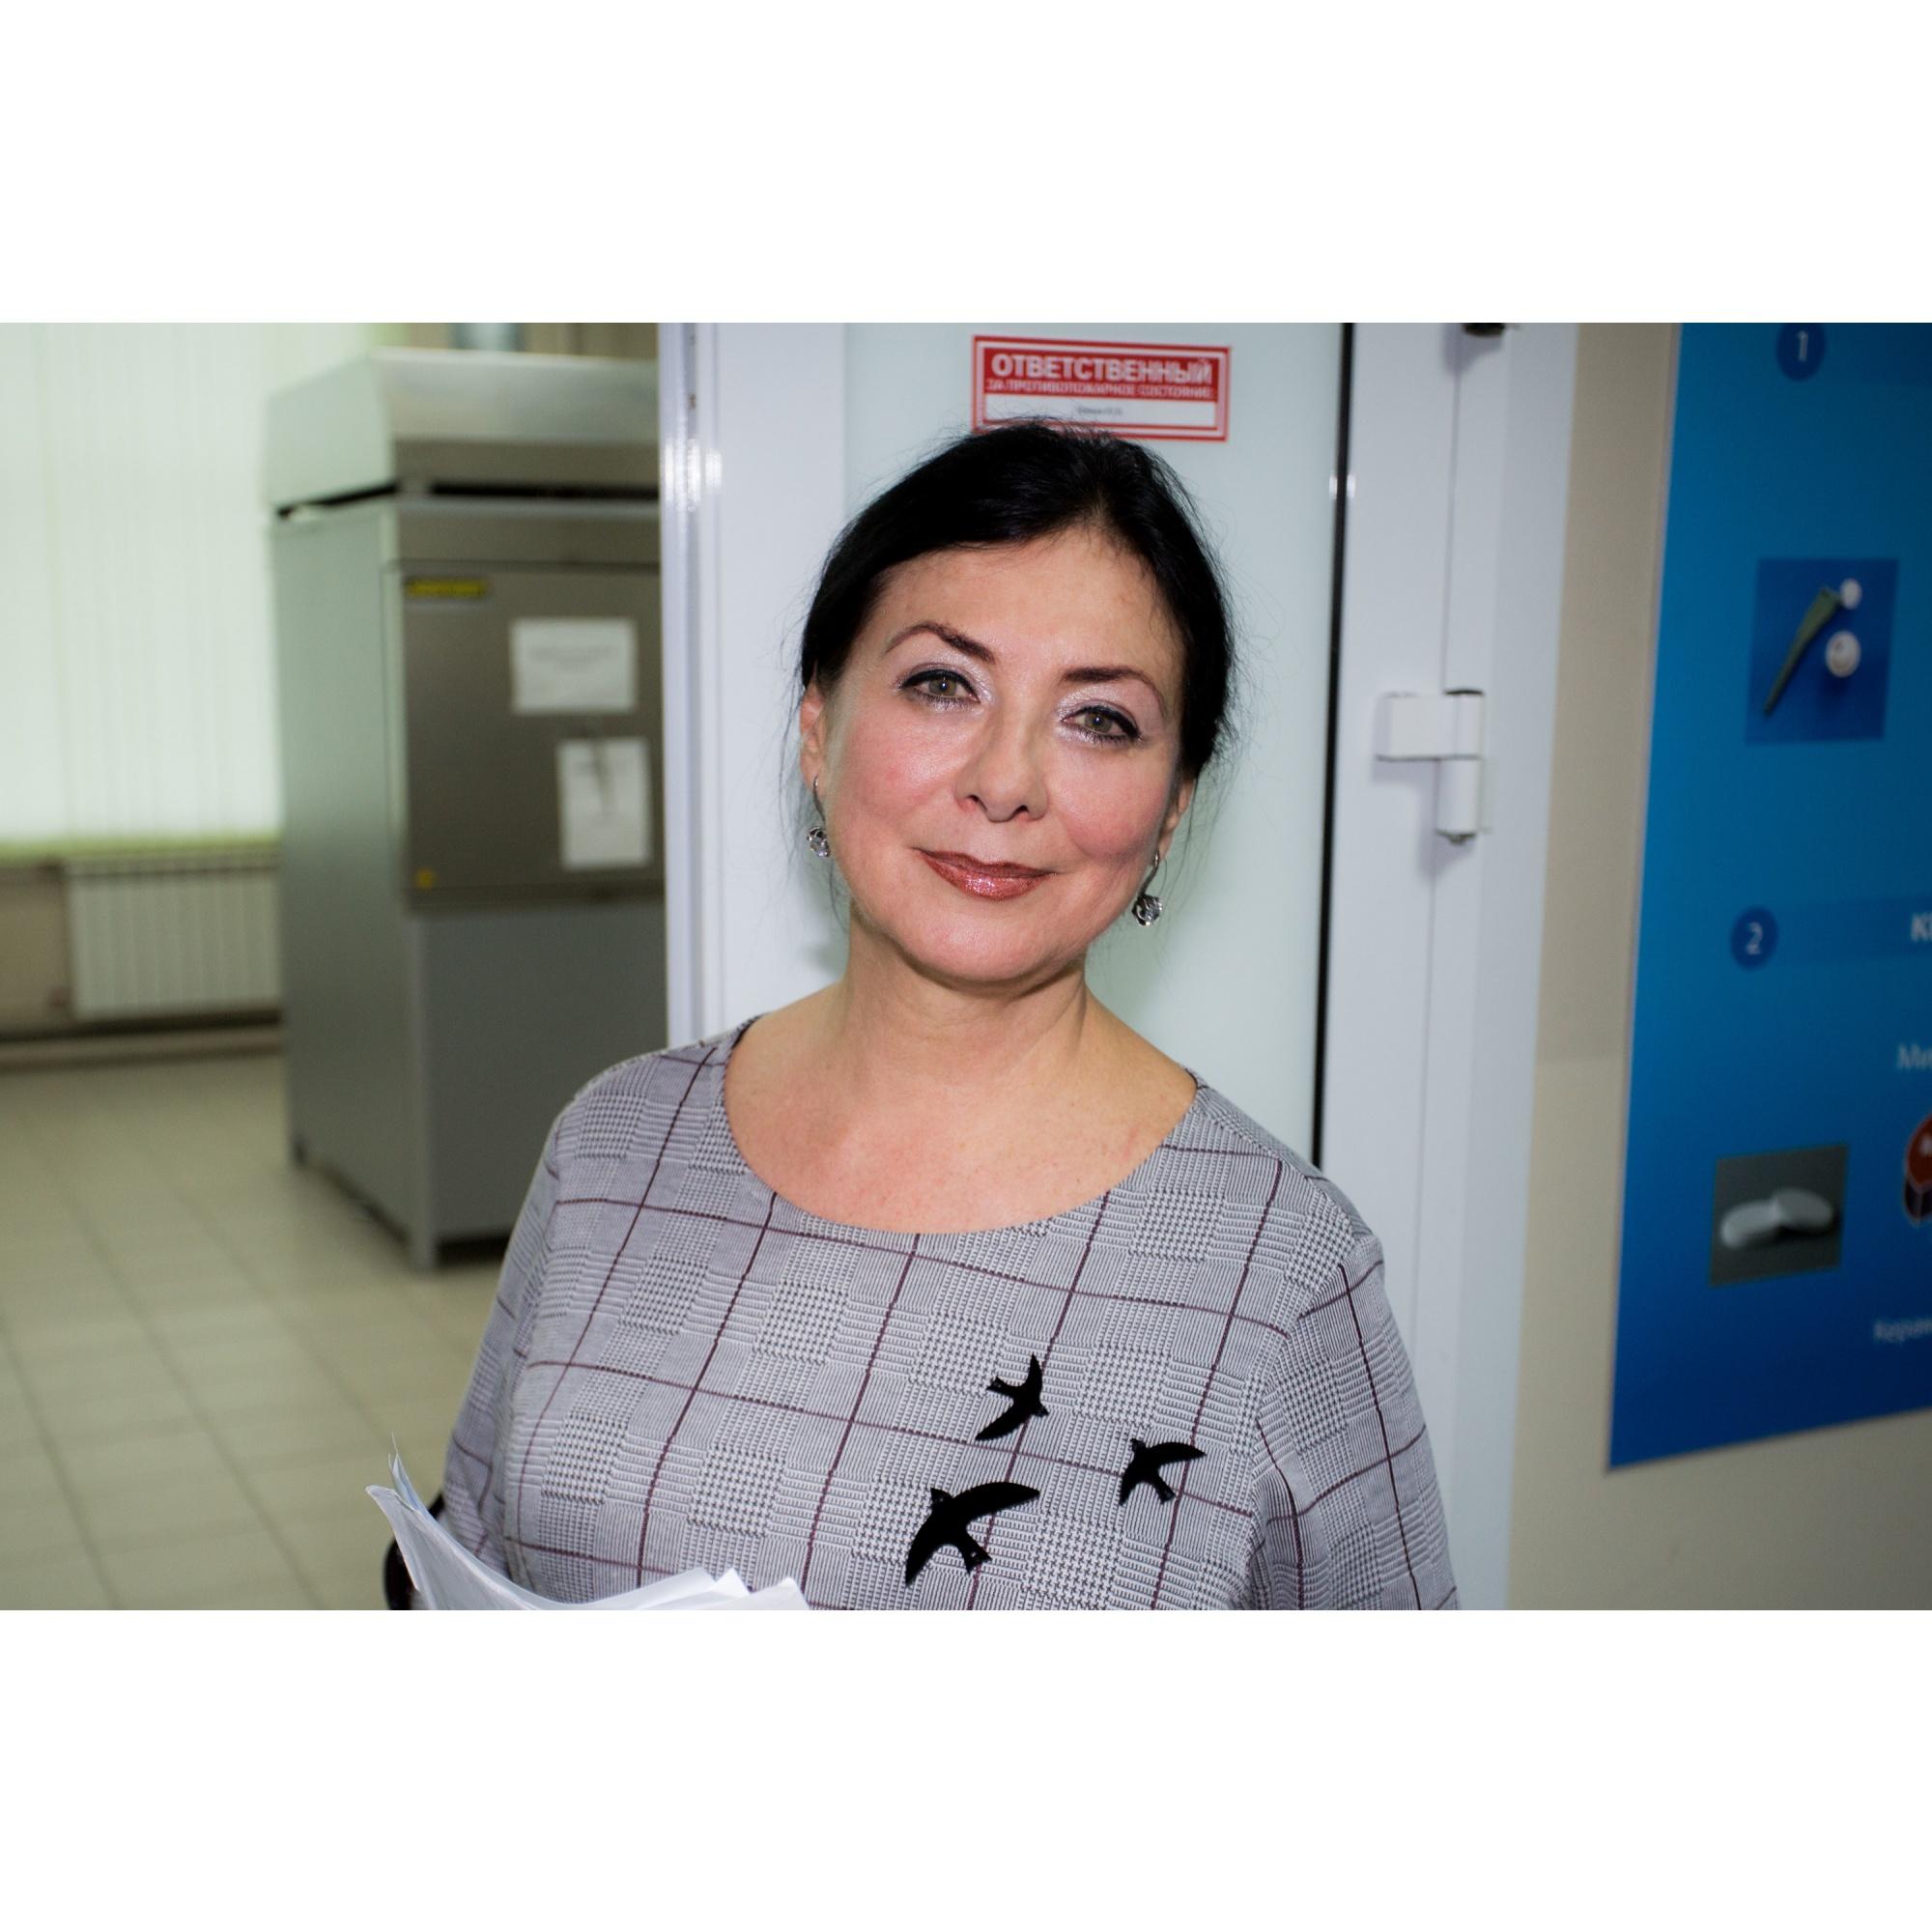 Мировая знаменитость Елена Заремба когда-то училась в новосибирской 10-й школе